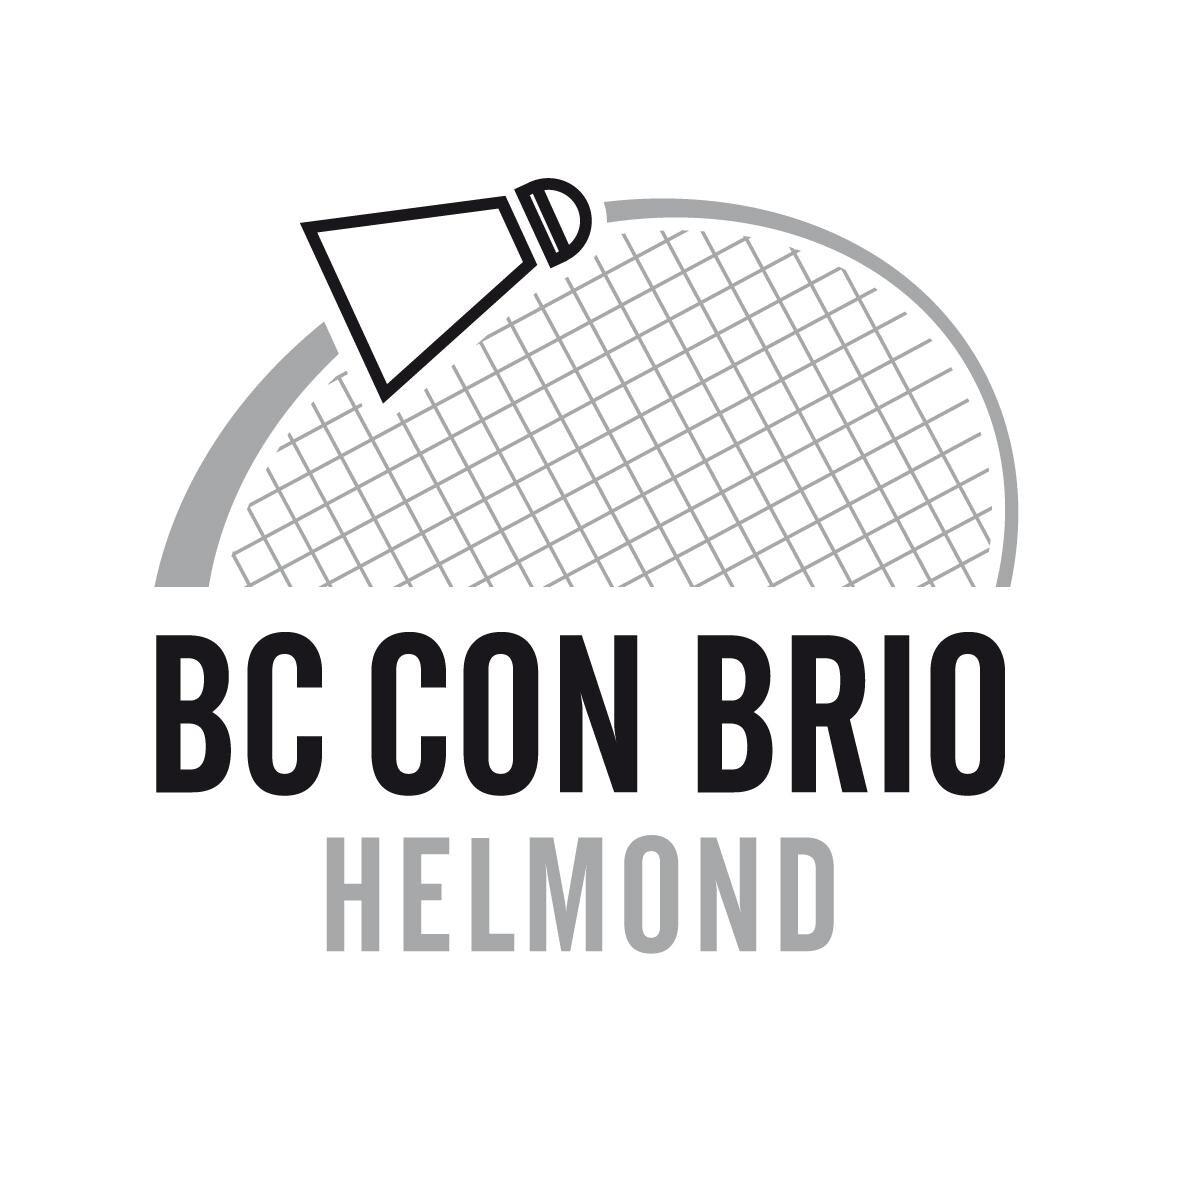 Badmintonclub Con Brio Helmond